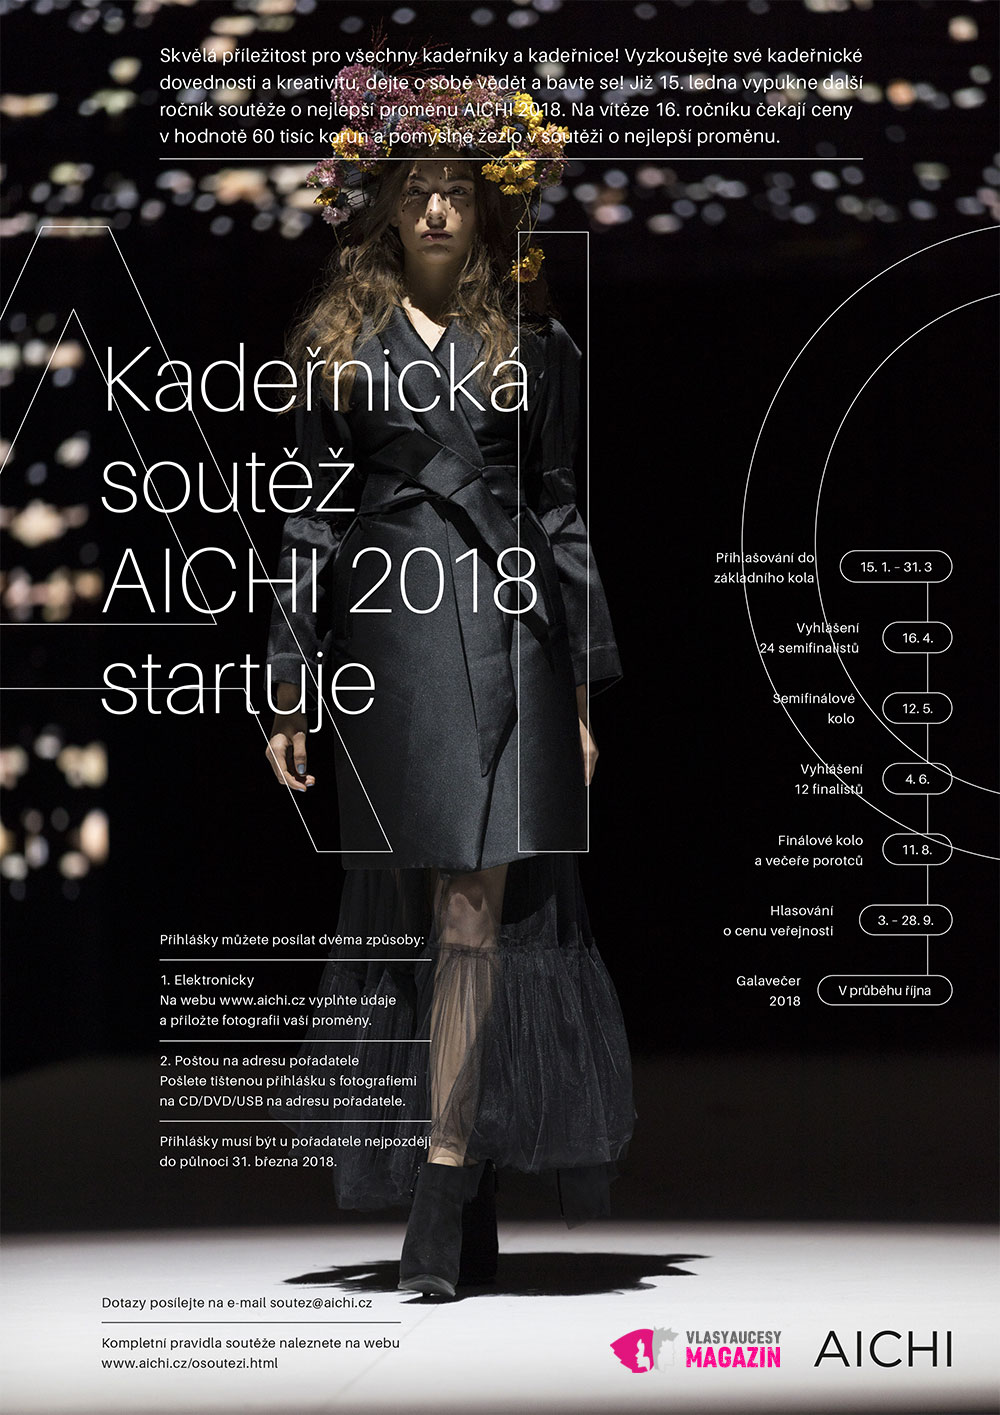 Startuje AICHI 2018 – kadeřnická soutěž proměn. Přihlásíte se letos i vy? Přihlášky do základního kola máte možnost posílat od 15. 1. do 31. 3. 2018.